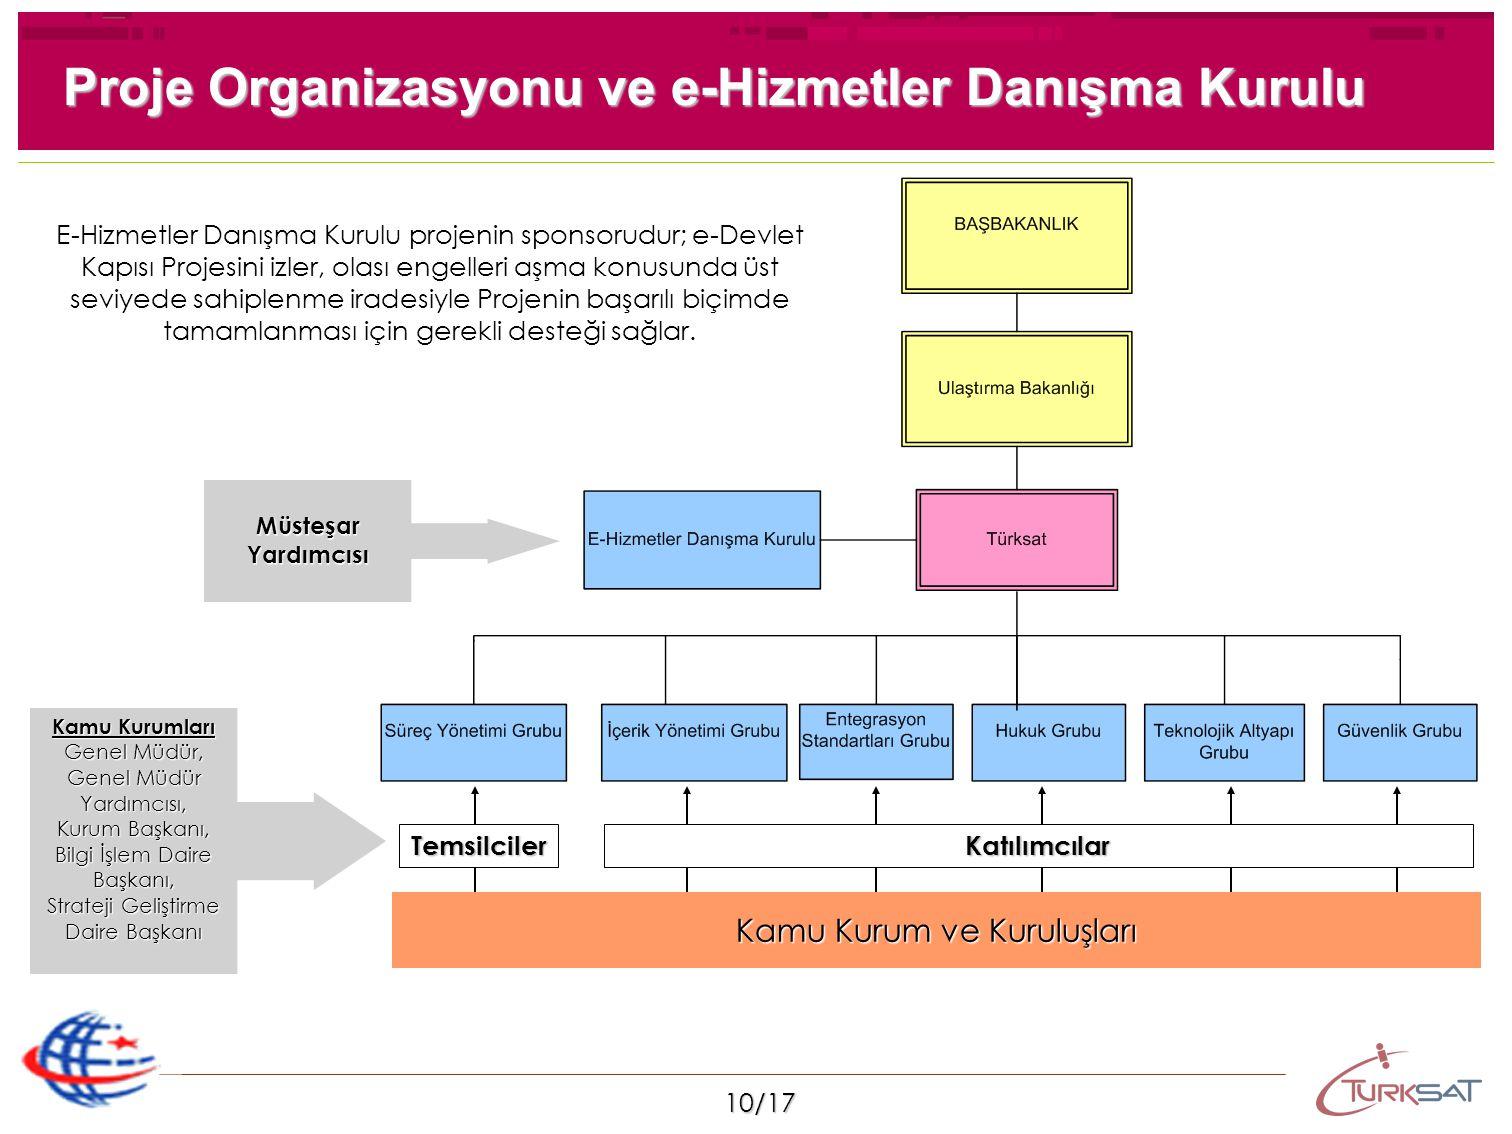 Proje Organizasyonu ve e-Hizmetler Danışma Kurulu